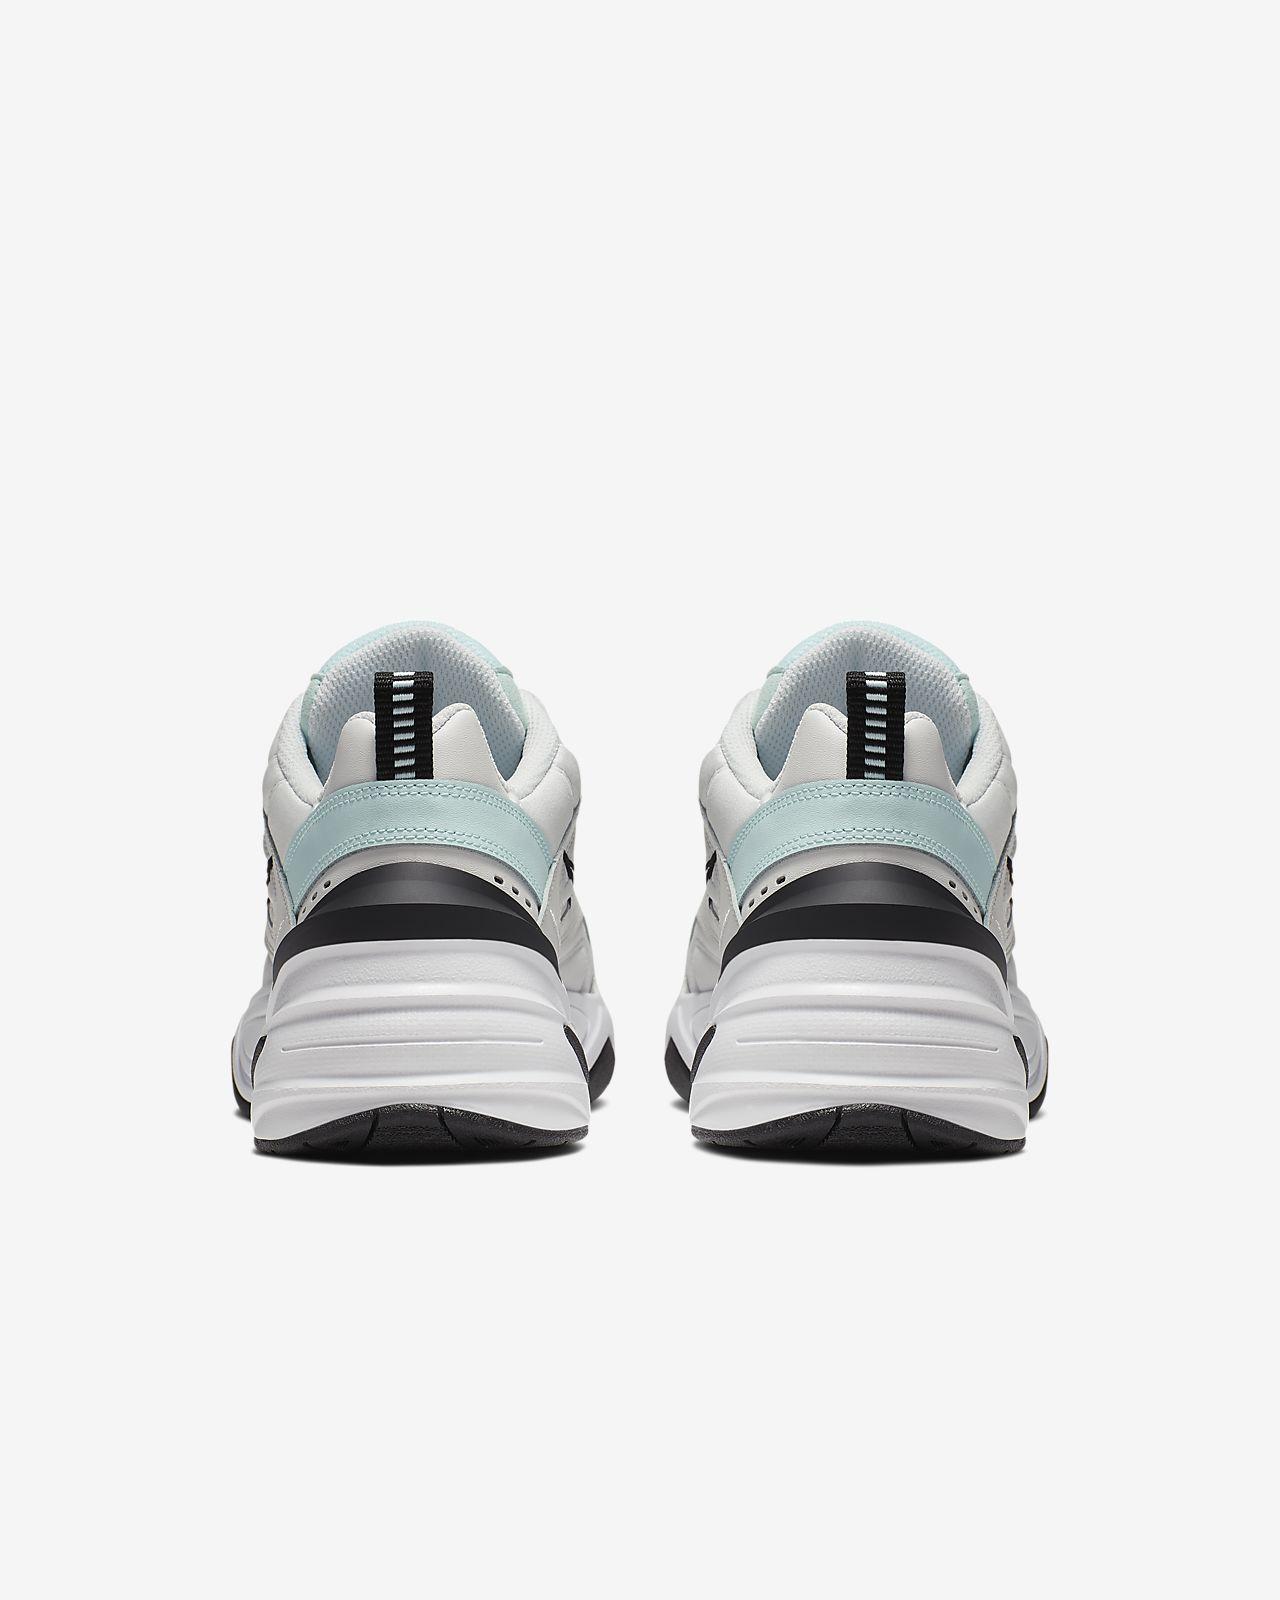 Nike Air Force Max CB Black | AJ7922 001 | The Sole Supplier